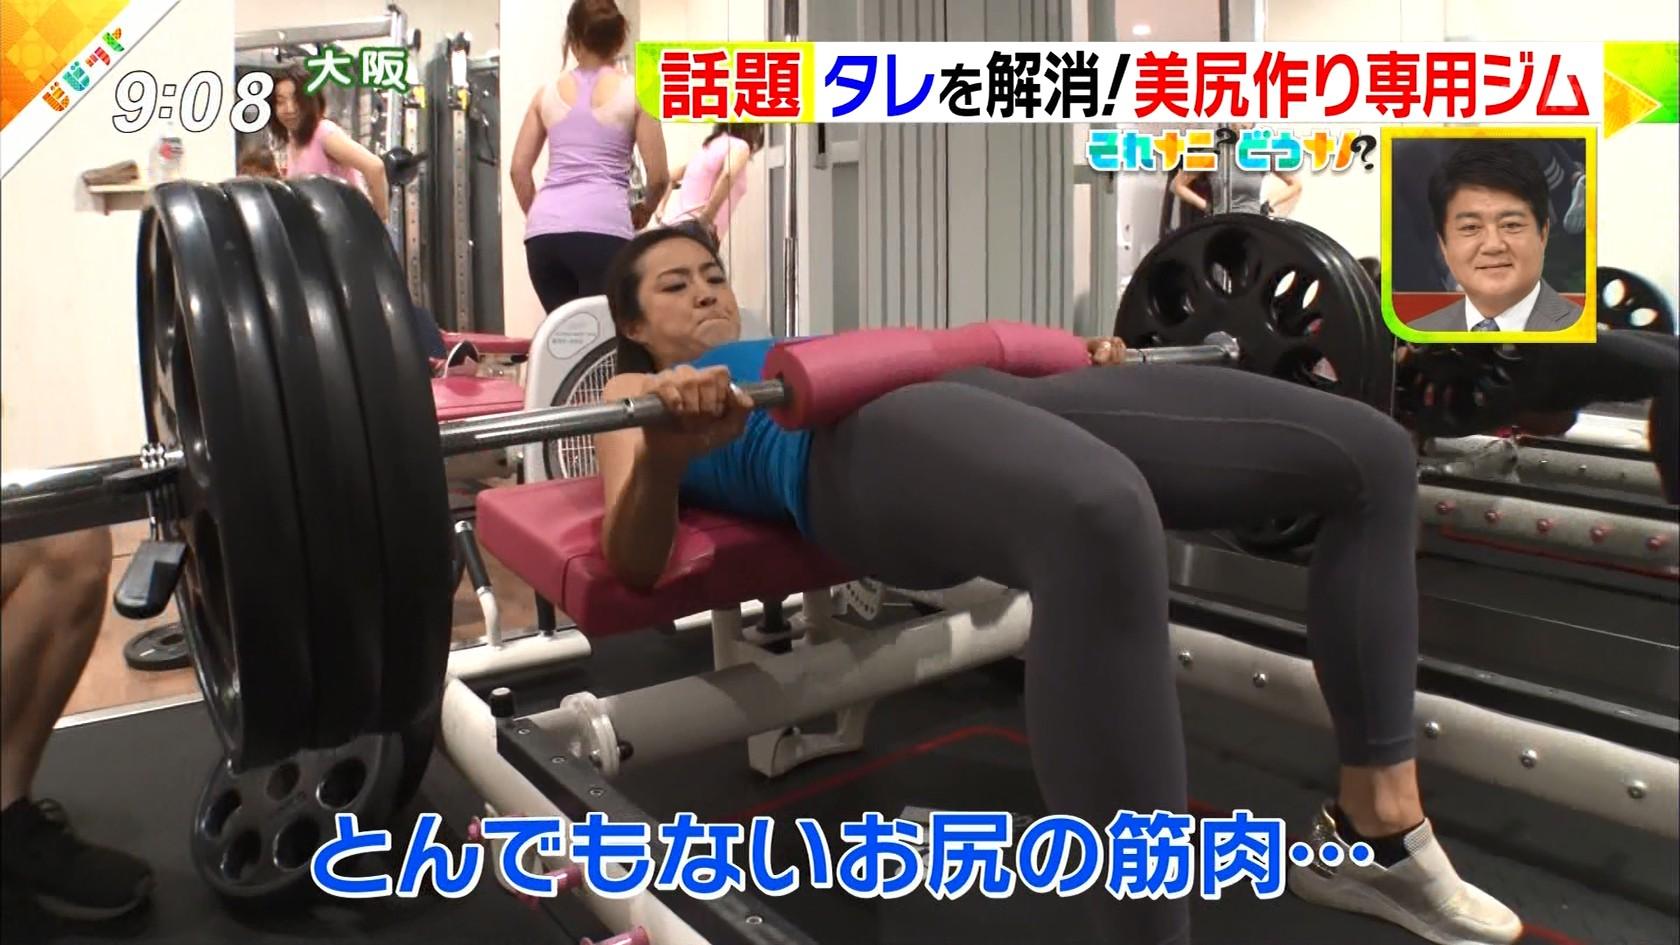 岡部友_美尻_スパッツ_テレビキャプ画像_08